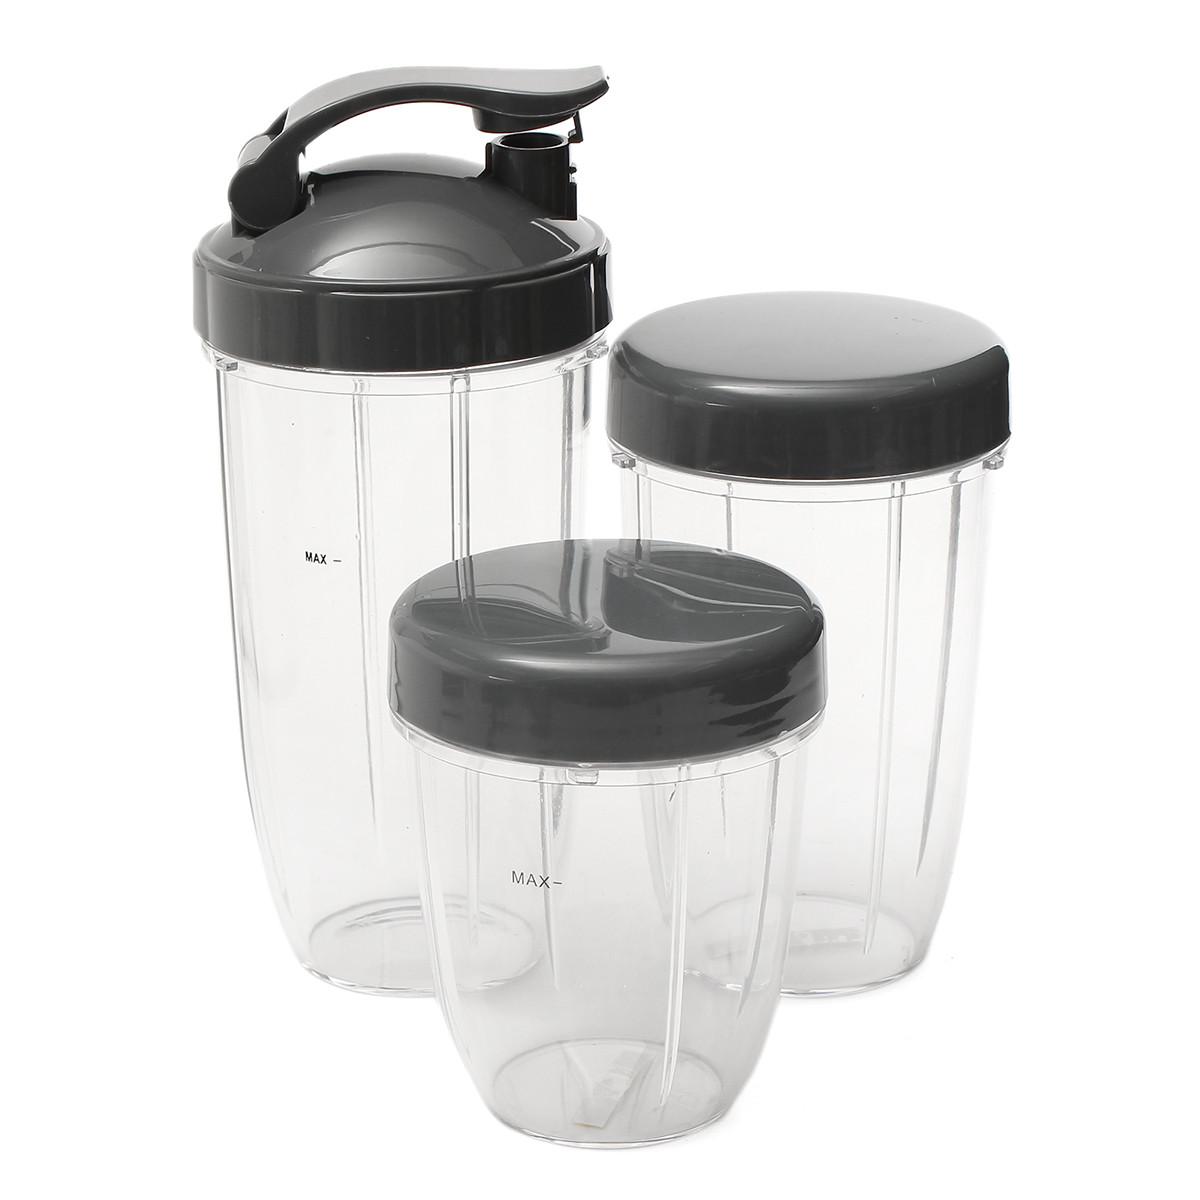 3шт запасные чашки 32 унции колоссальные + 24 унции высотой + маленькая чашка + 3 крышки для Nutribullet-1TopShop